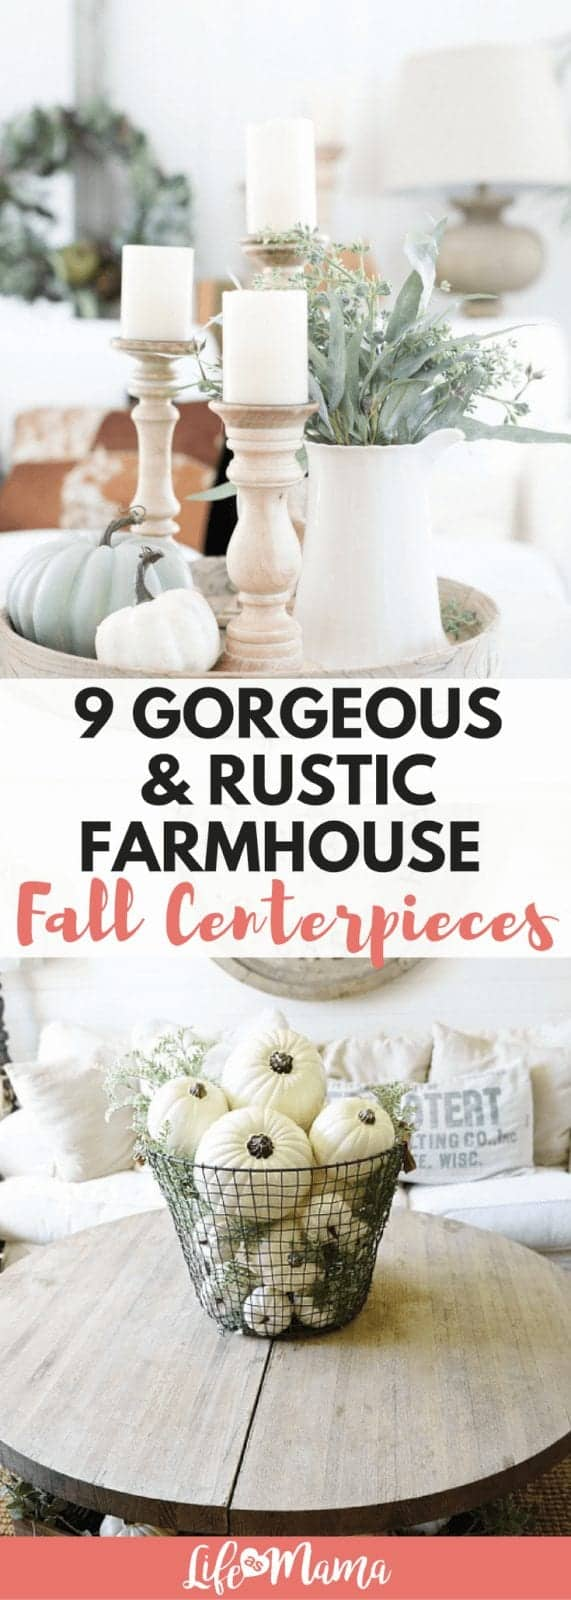 farmhouse fall centerpieces